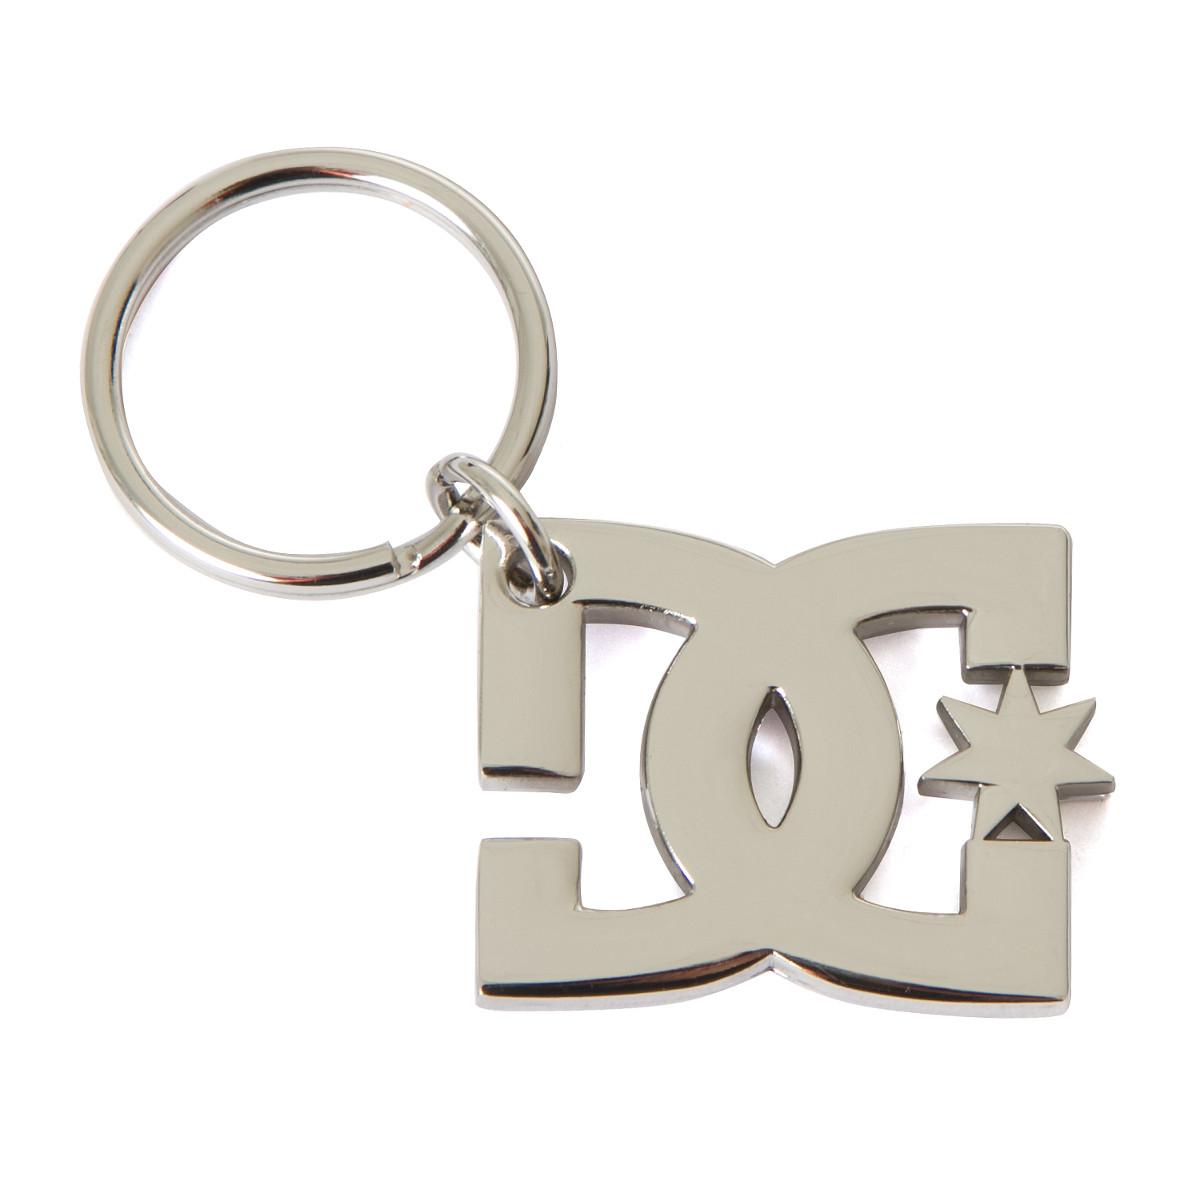 DC Schlüsselanhänger Star Keychain Silber